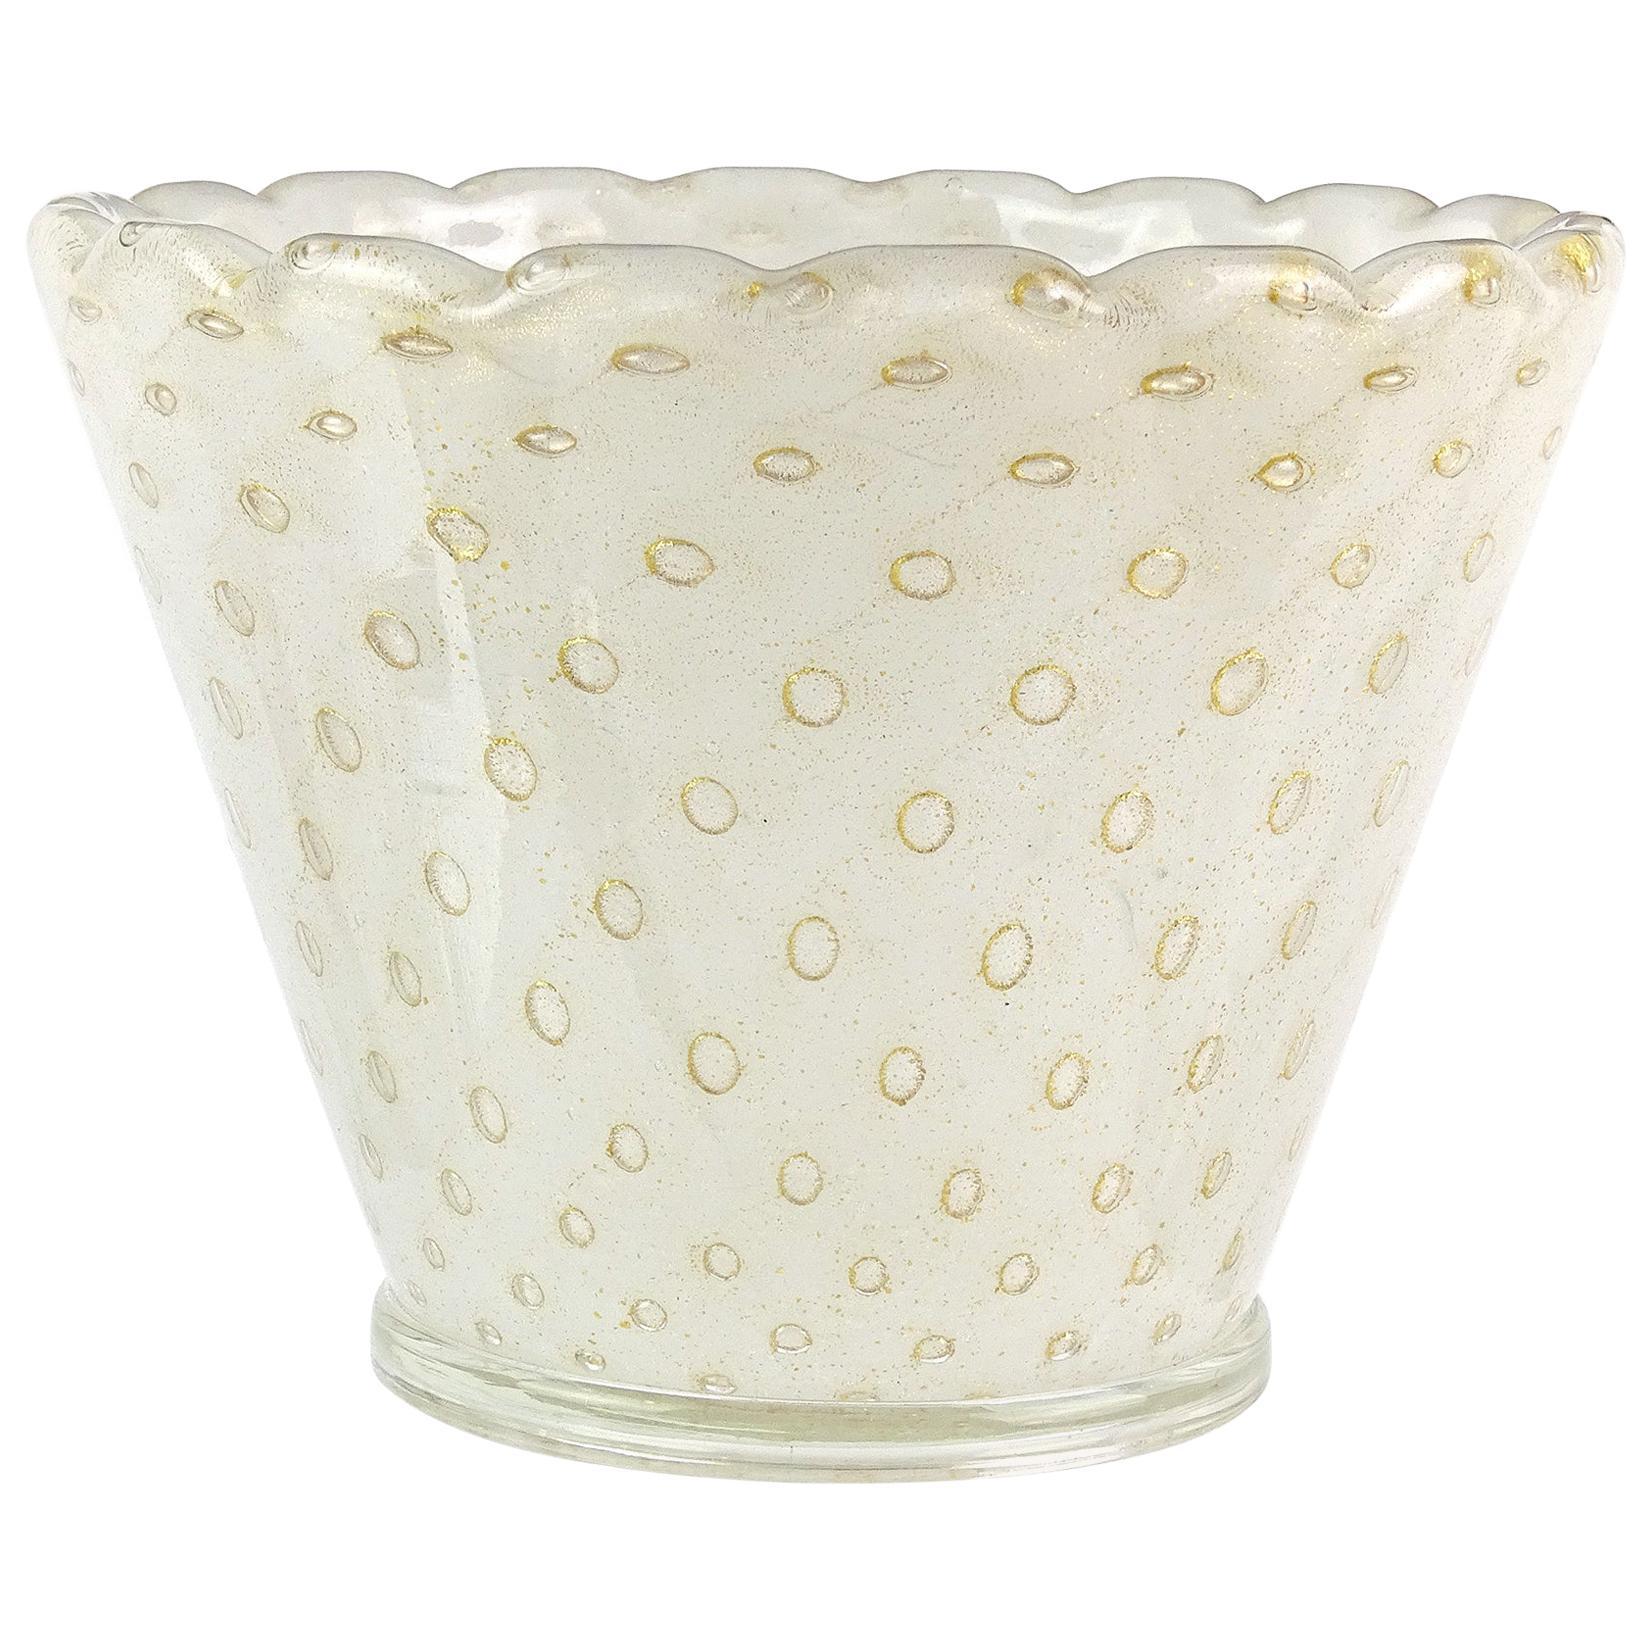 Murano White Bubbles Pulegoso Gold Flecks Italian Art Glass Flower Pot Vase